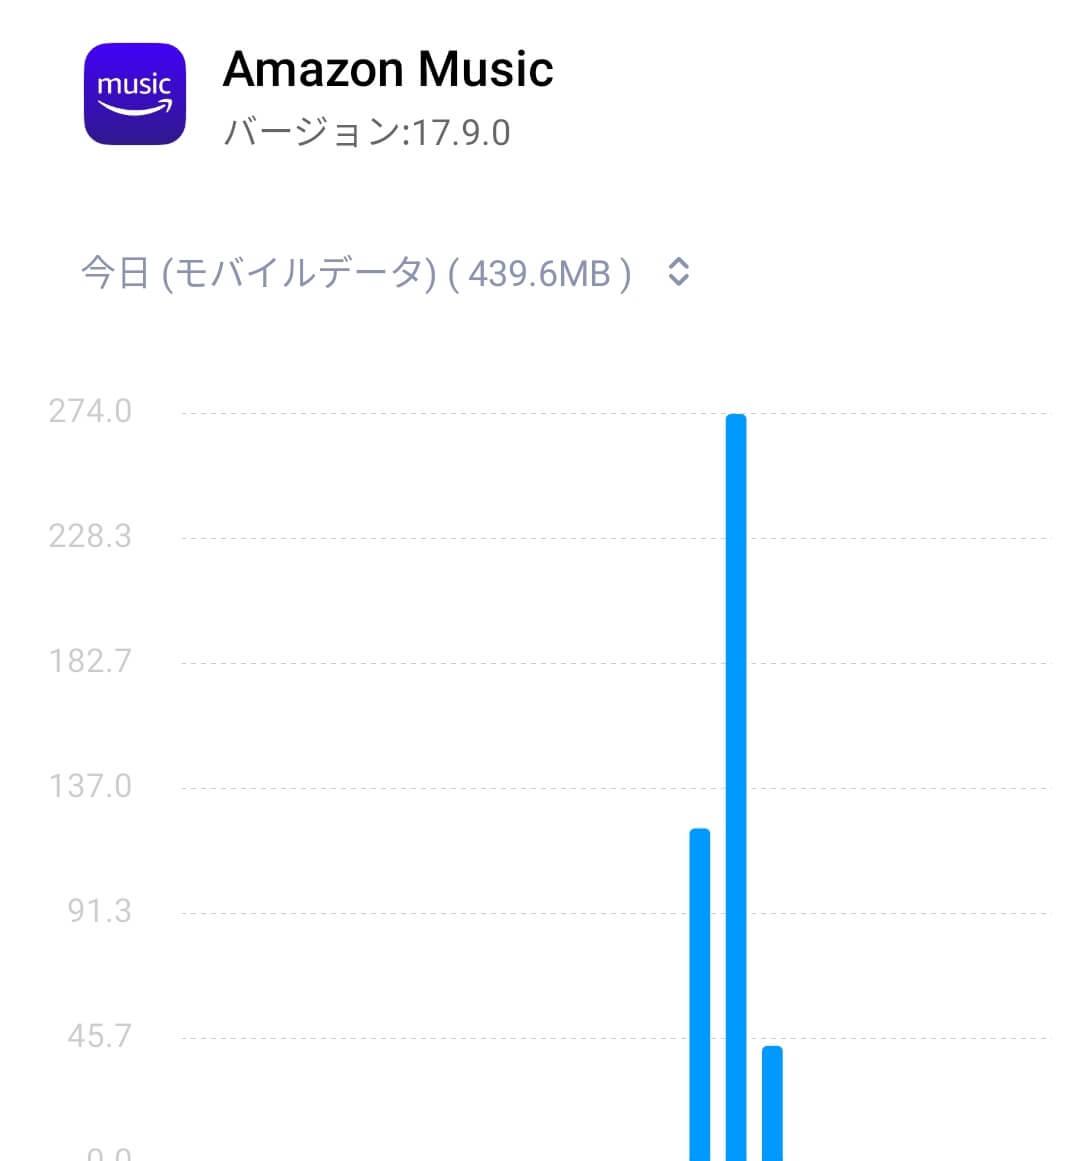 Amazon Music HDを1時間半程度聞いた時に発生するデータ量